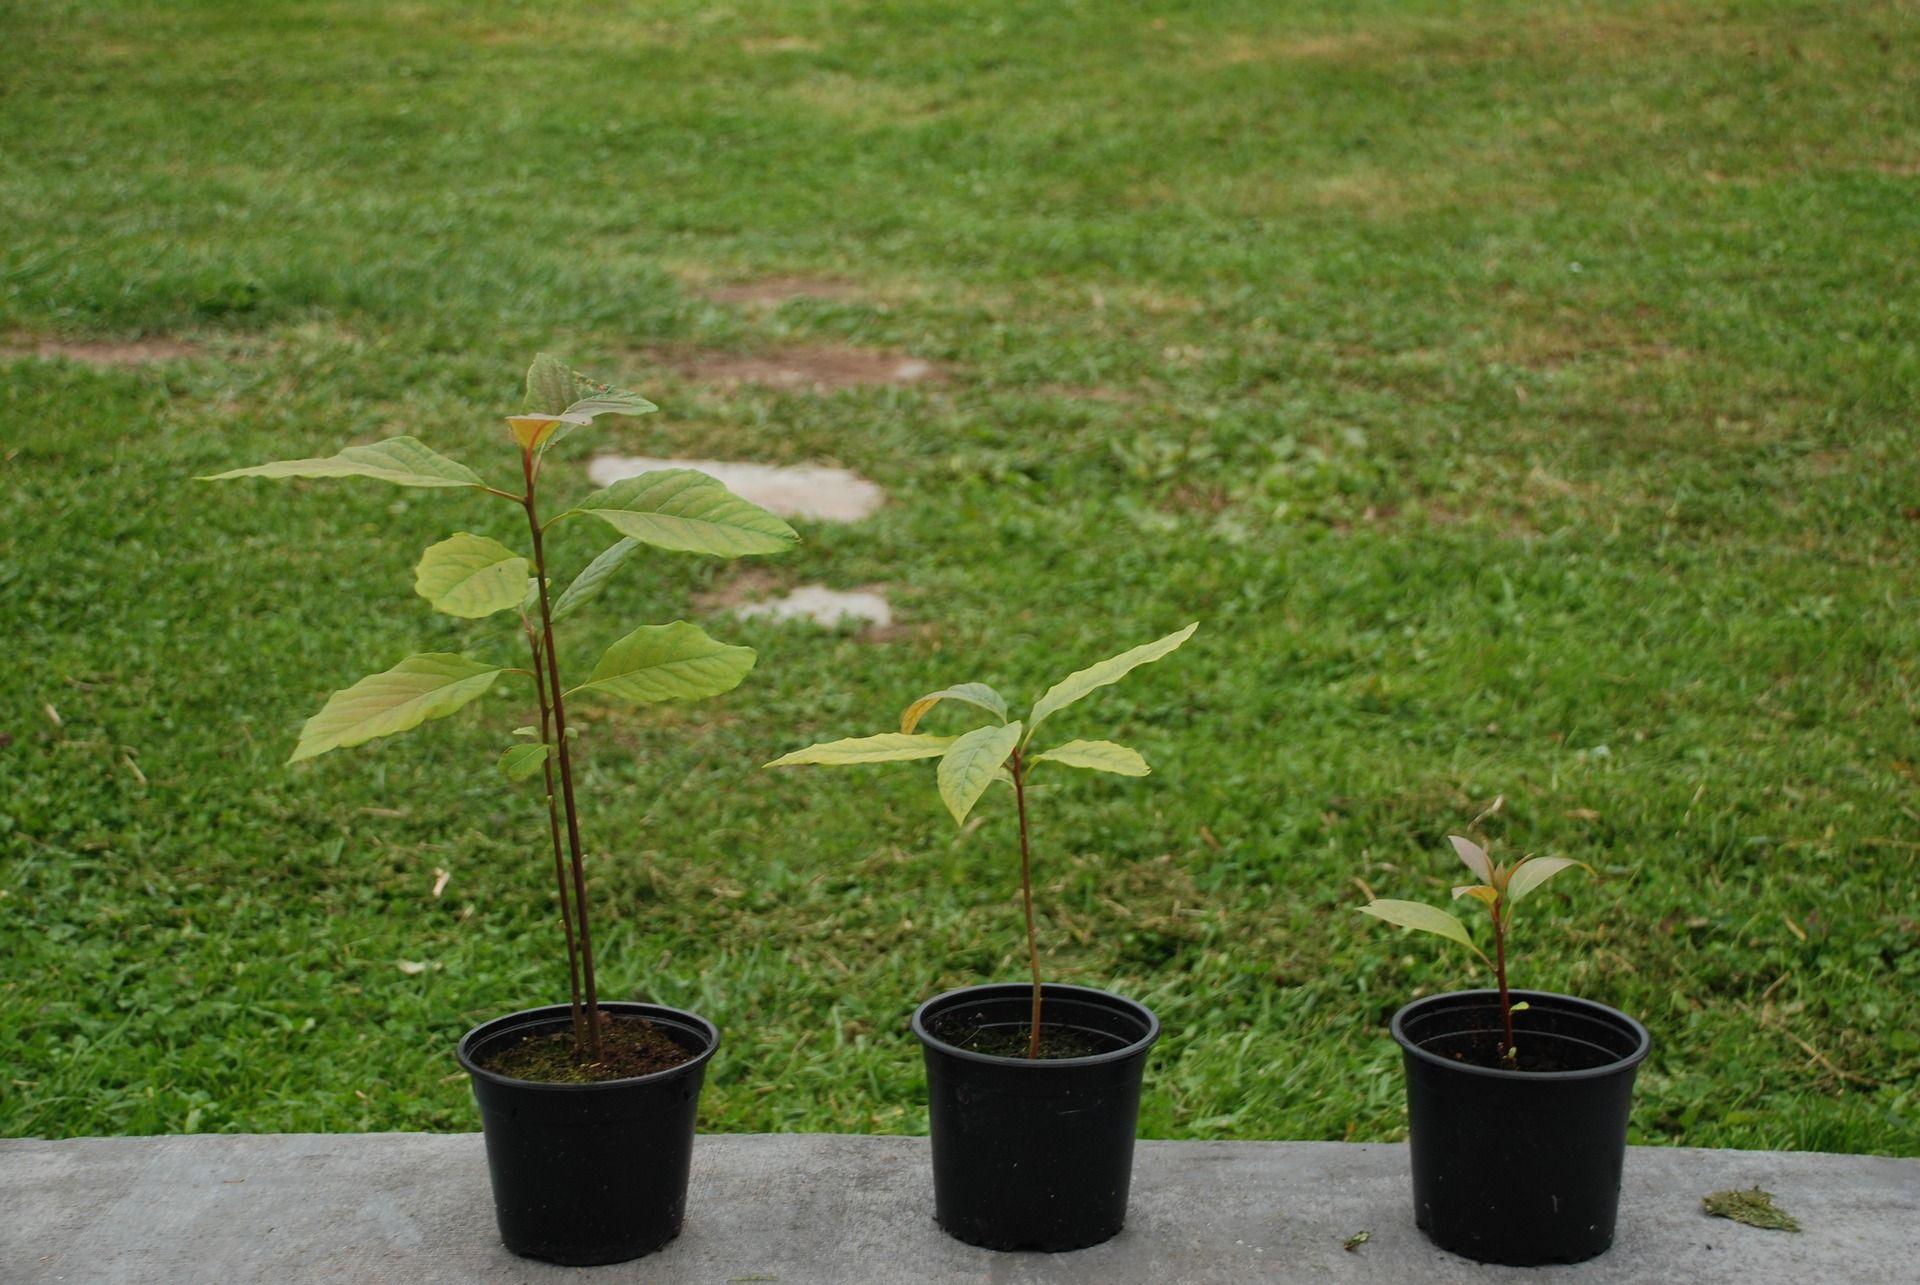 Faire Germer Noyau D Avocat comment obtenir une plante à partir d'un fruit exotique ?